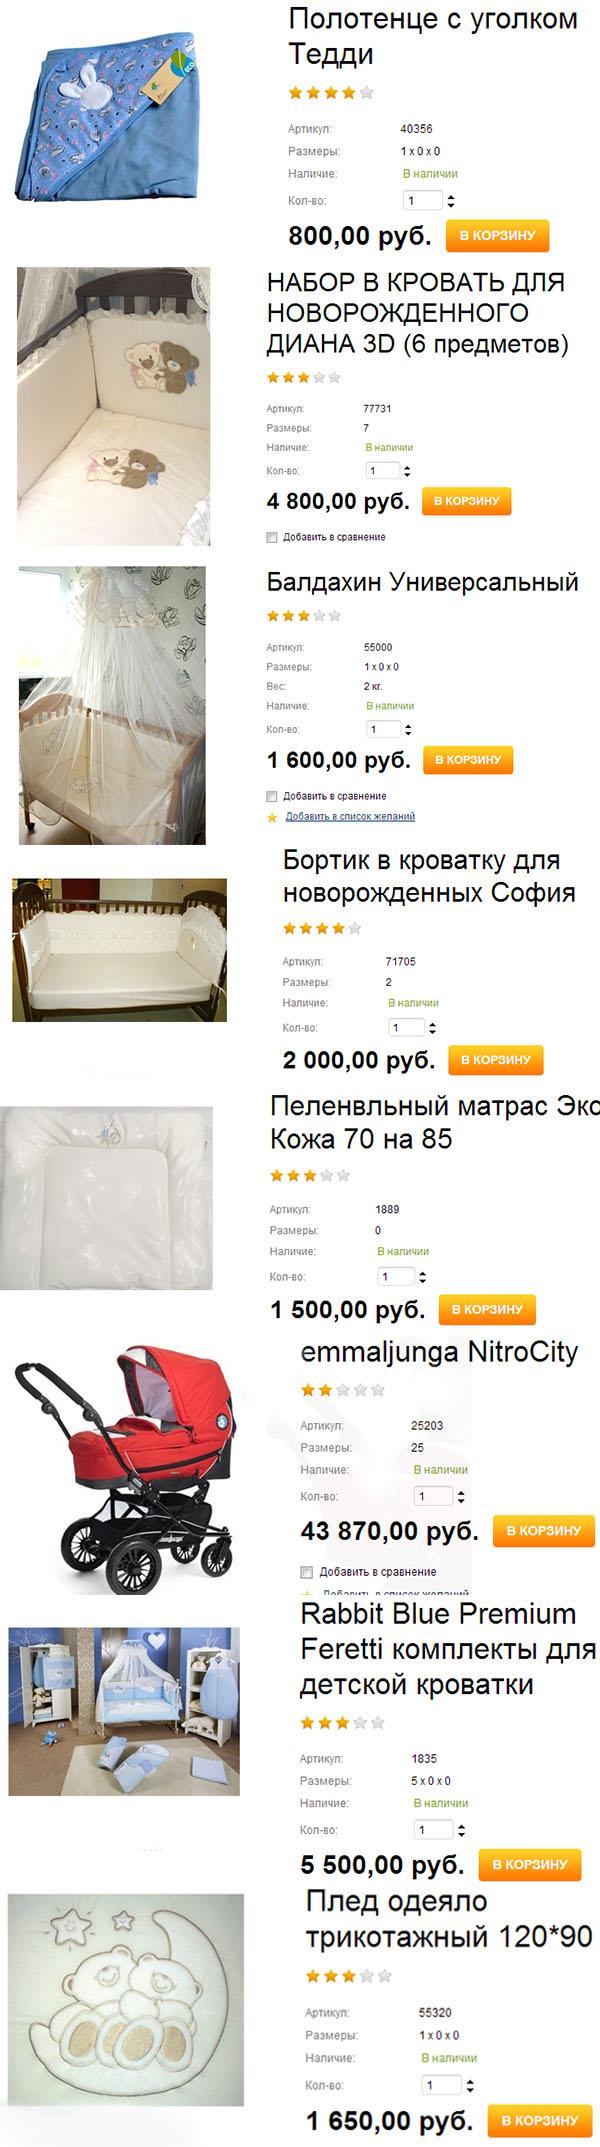 Товары и цены в магазине Гусевых